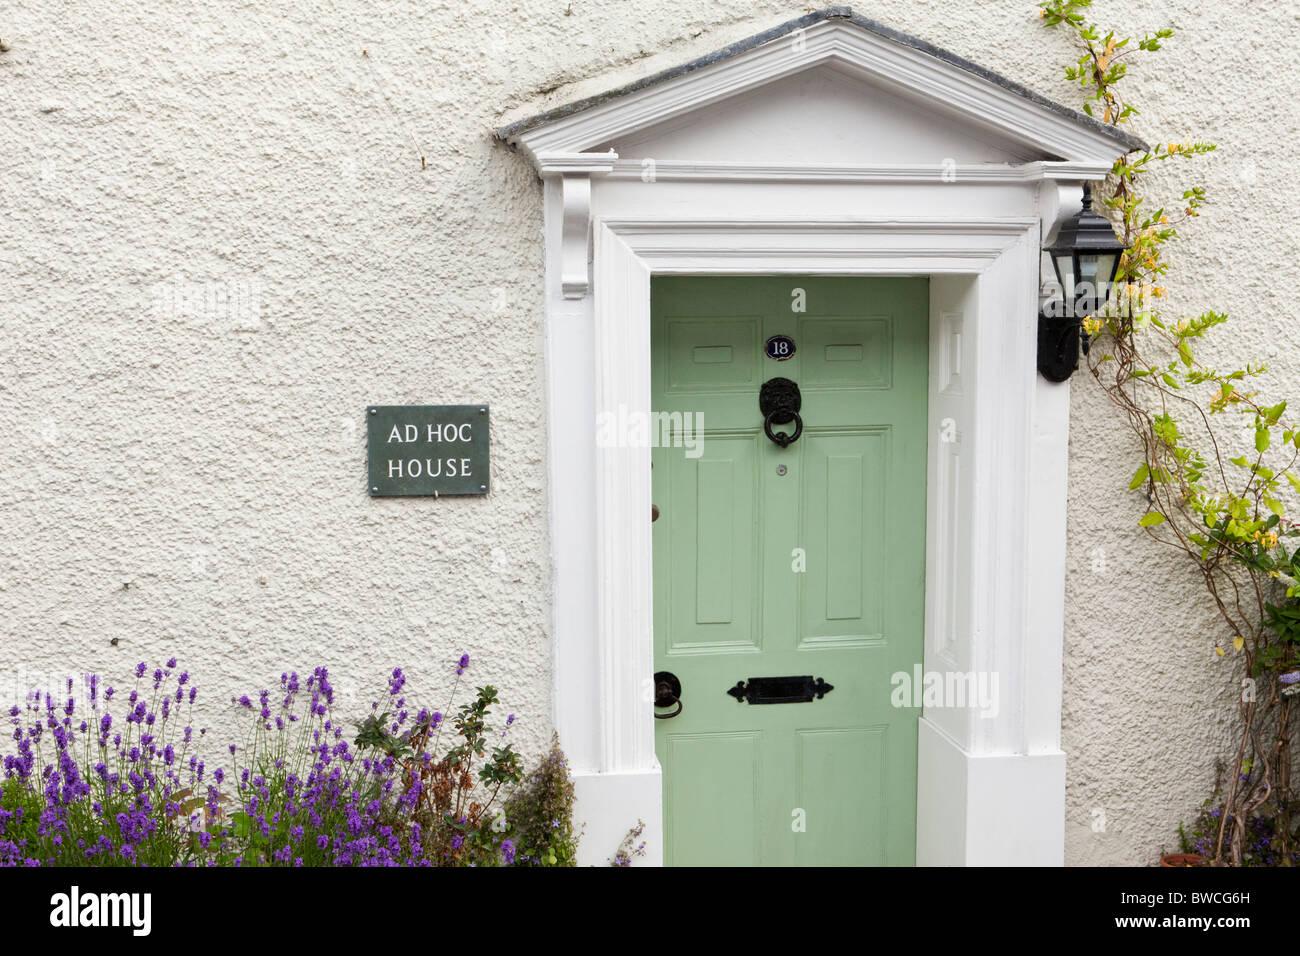 Ad Hoc House, Cerne Abbas, Dorset - Stock Image